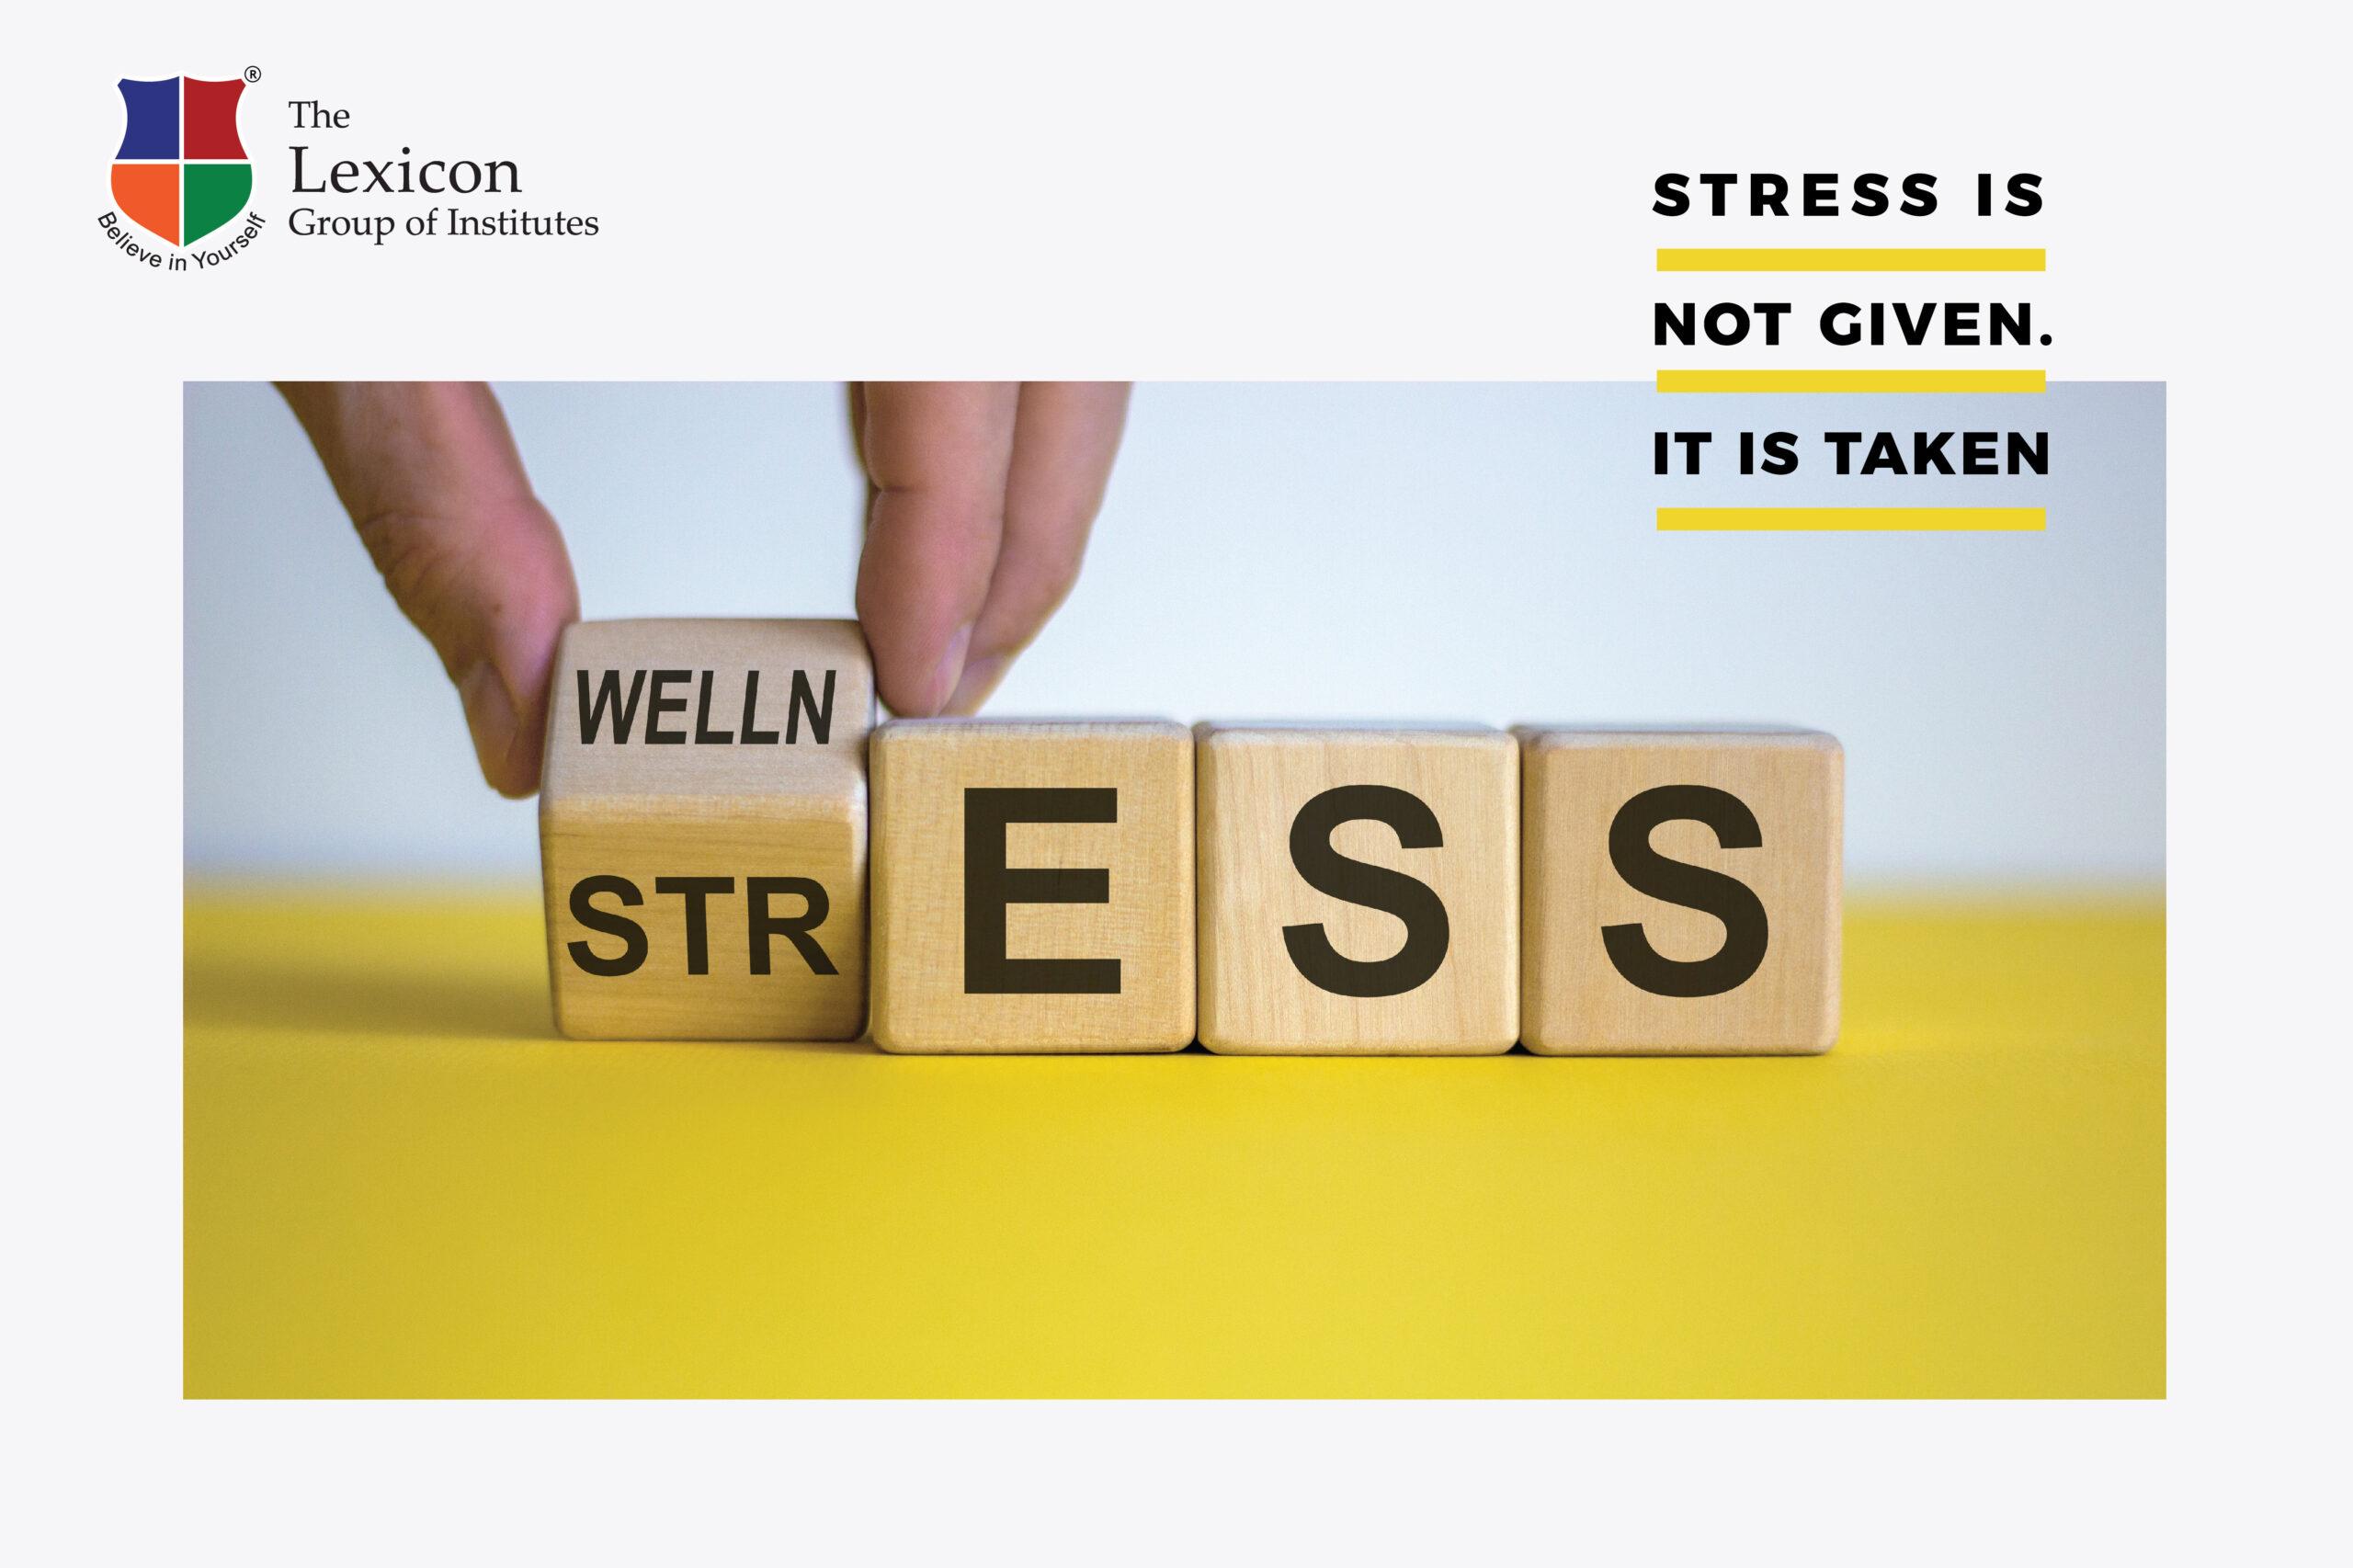 Stress is not given-It is taken